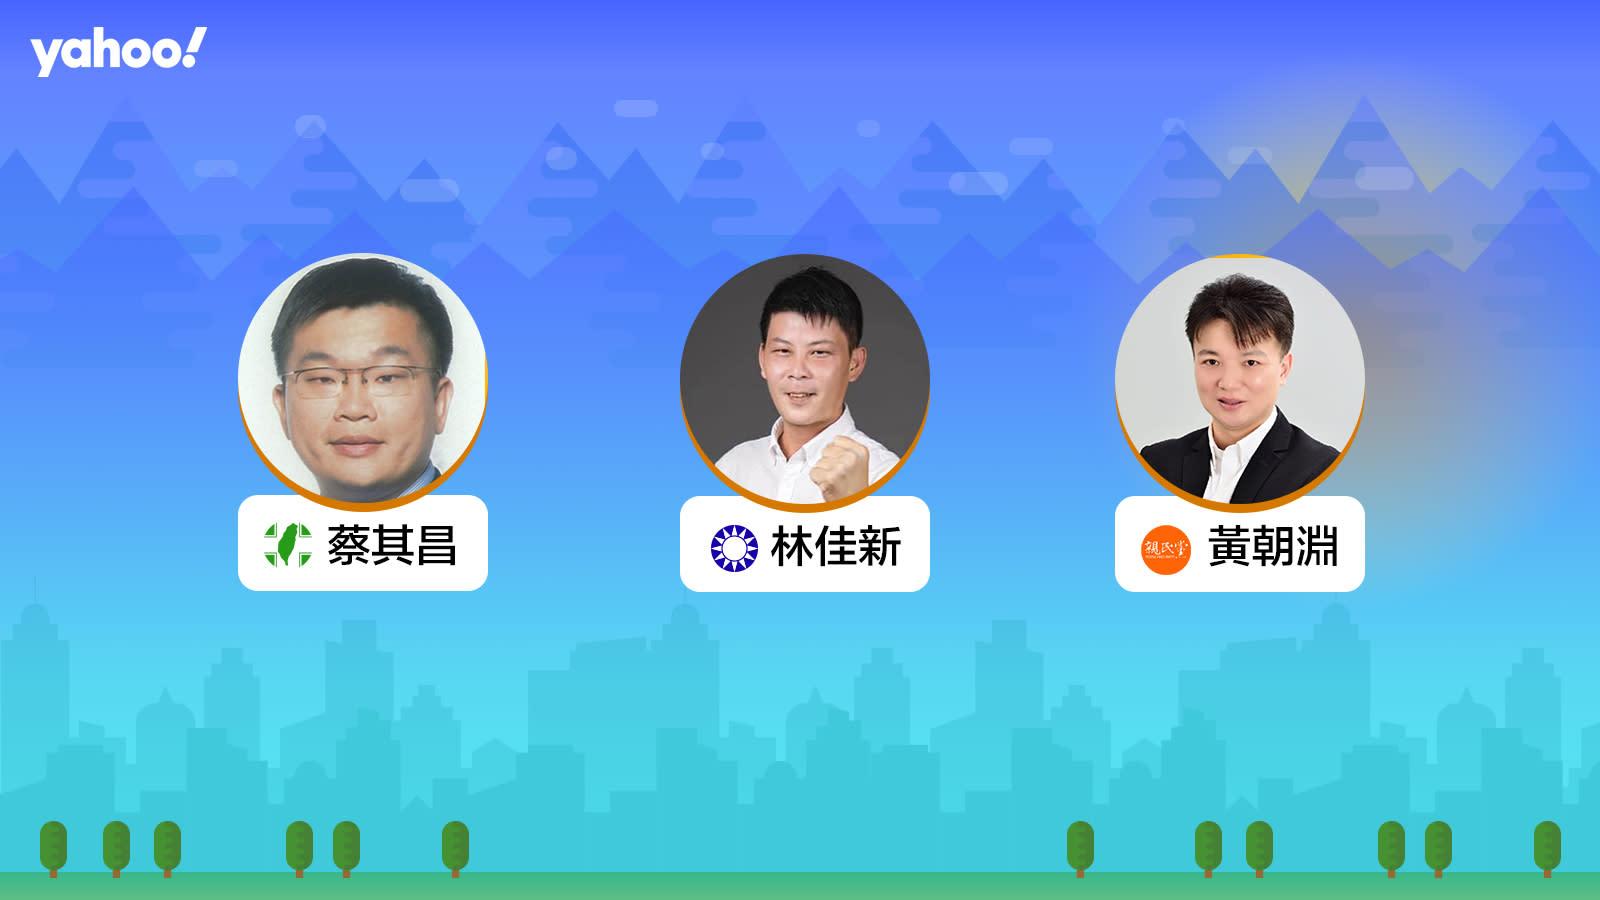 2020立委選舉台中市第一選區(大甲,清水,梧棲,外埔,大安),你支持誰?